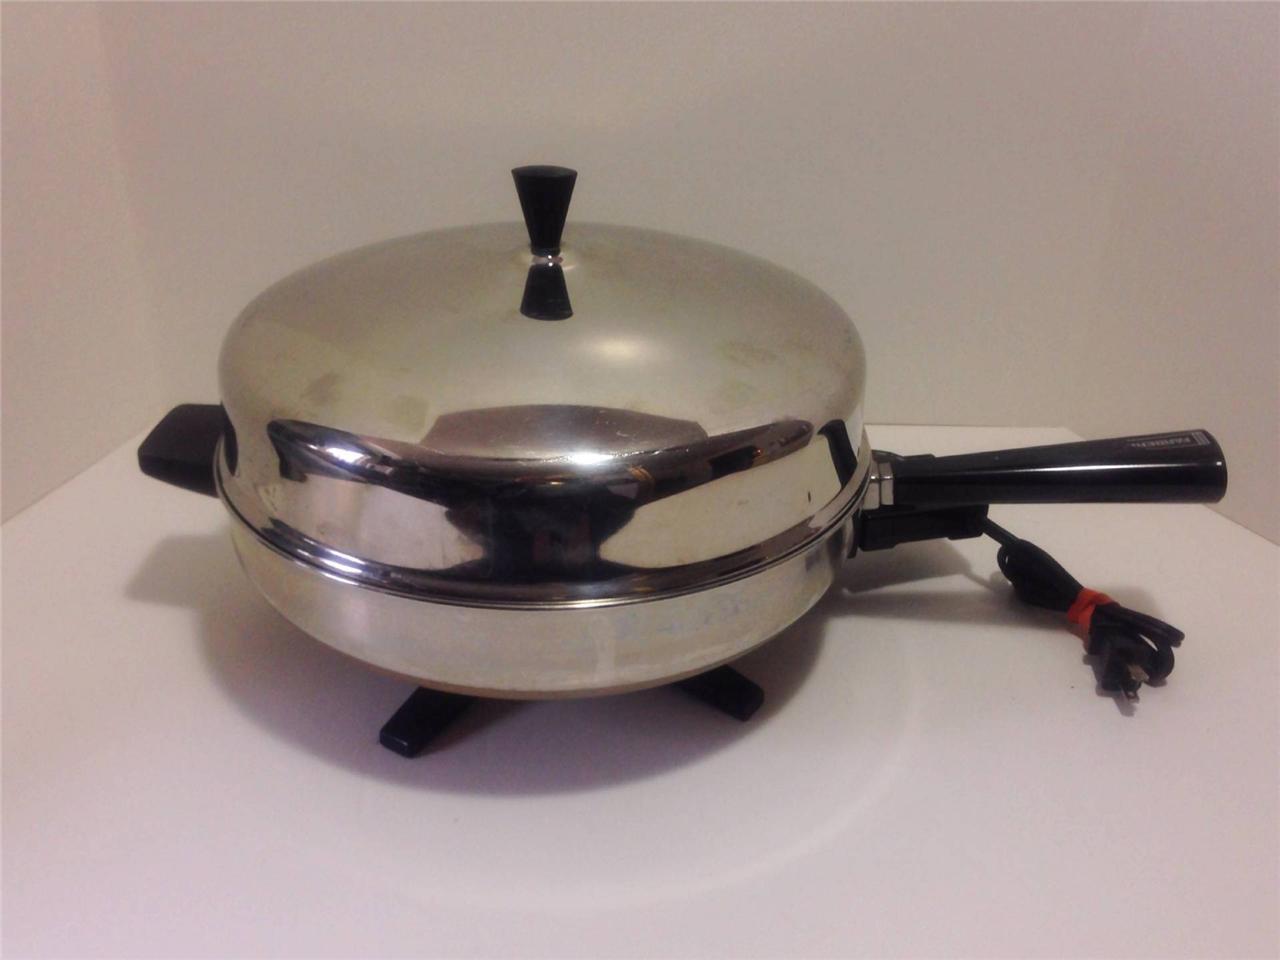 Farberware Electric Skillet Fry Pan 12 Quot And 50 Similar Items